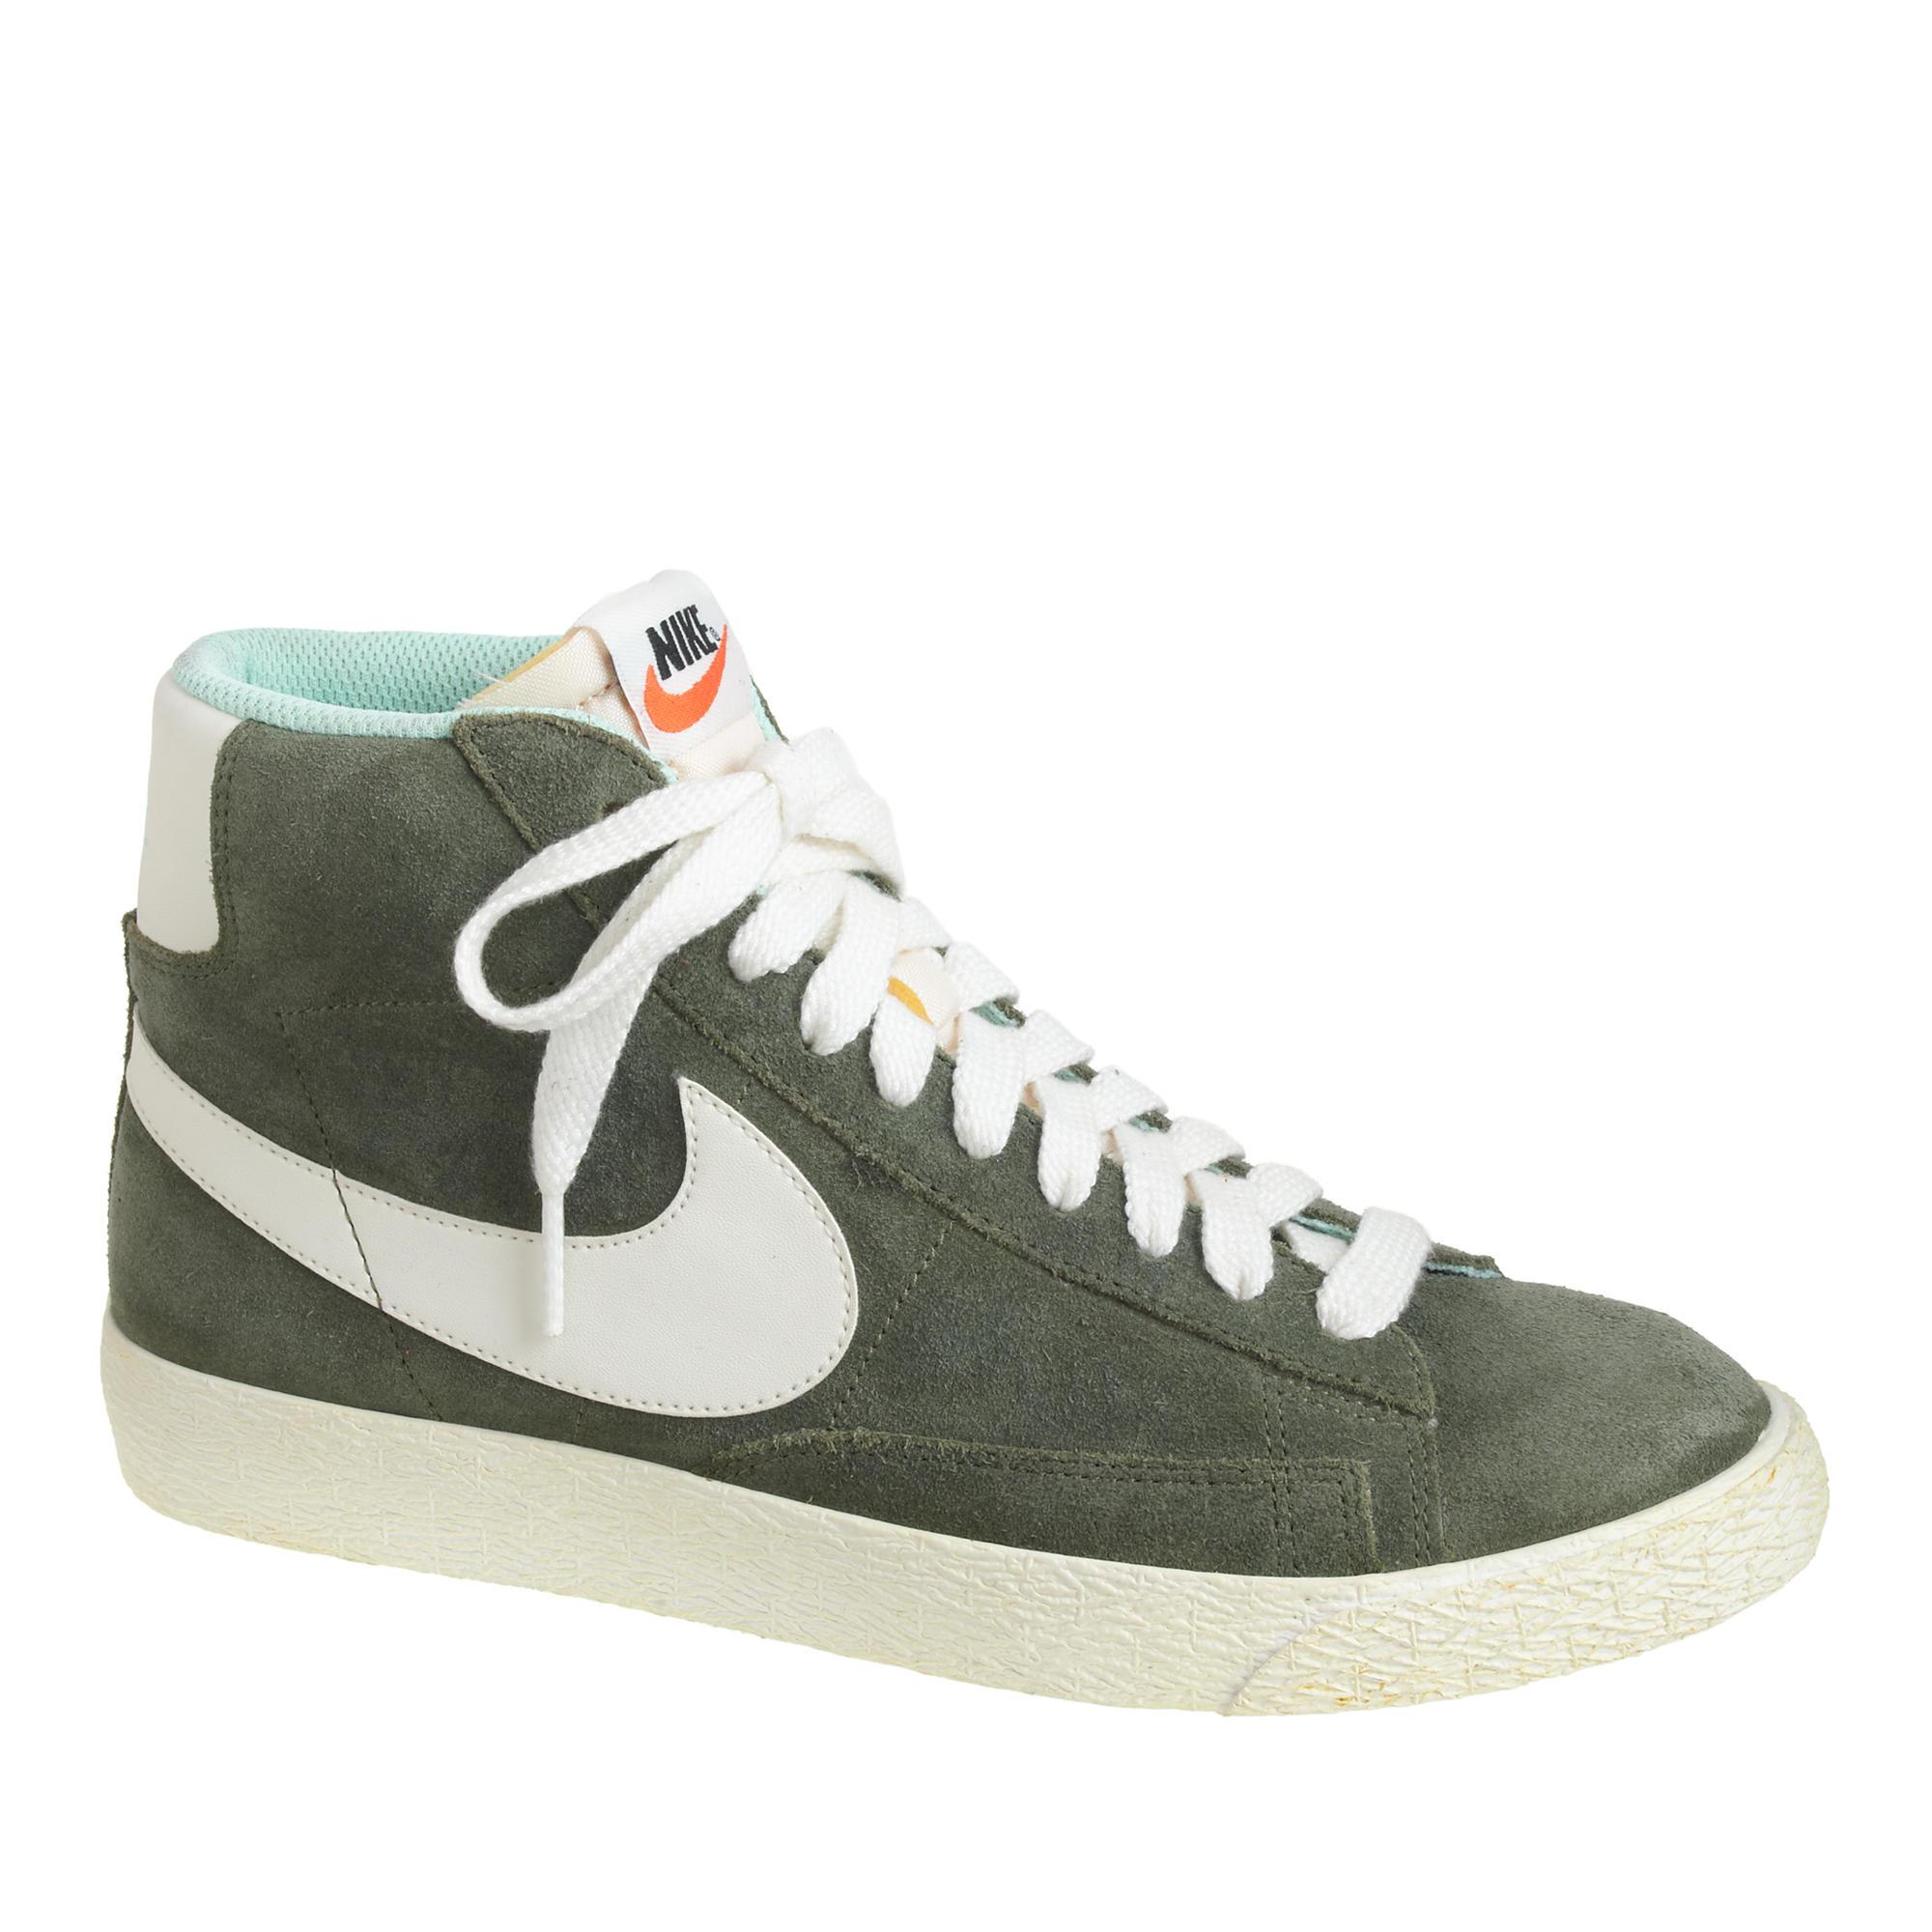 J.Crew Women's Nike Suede Blazer Mid Vintage Sneakers in Olive ...